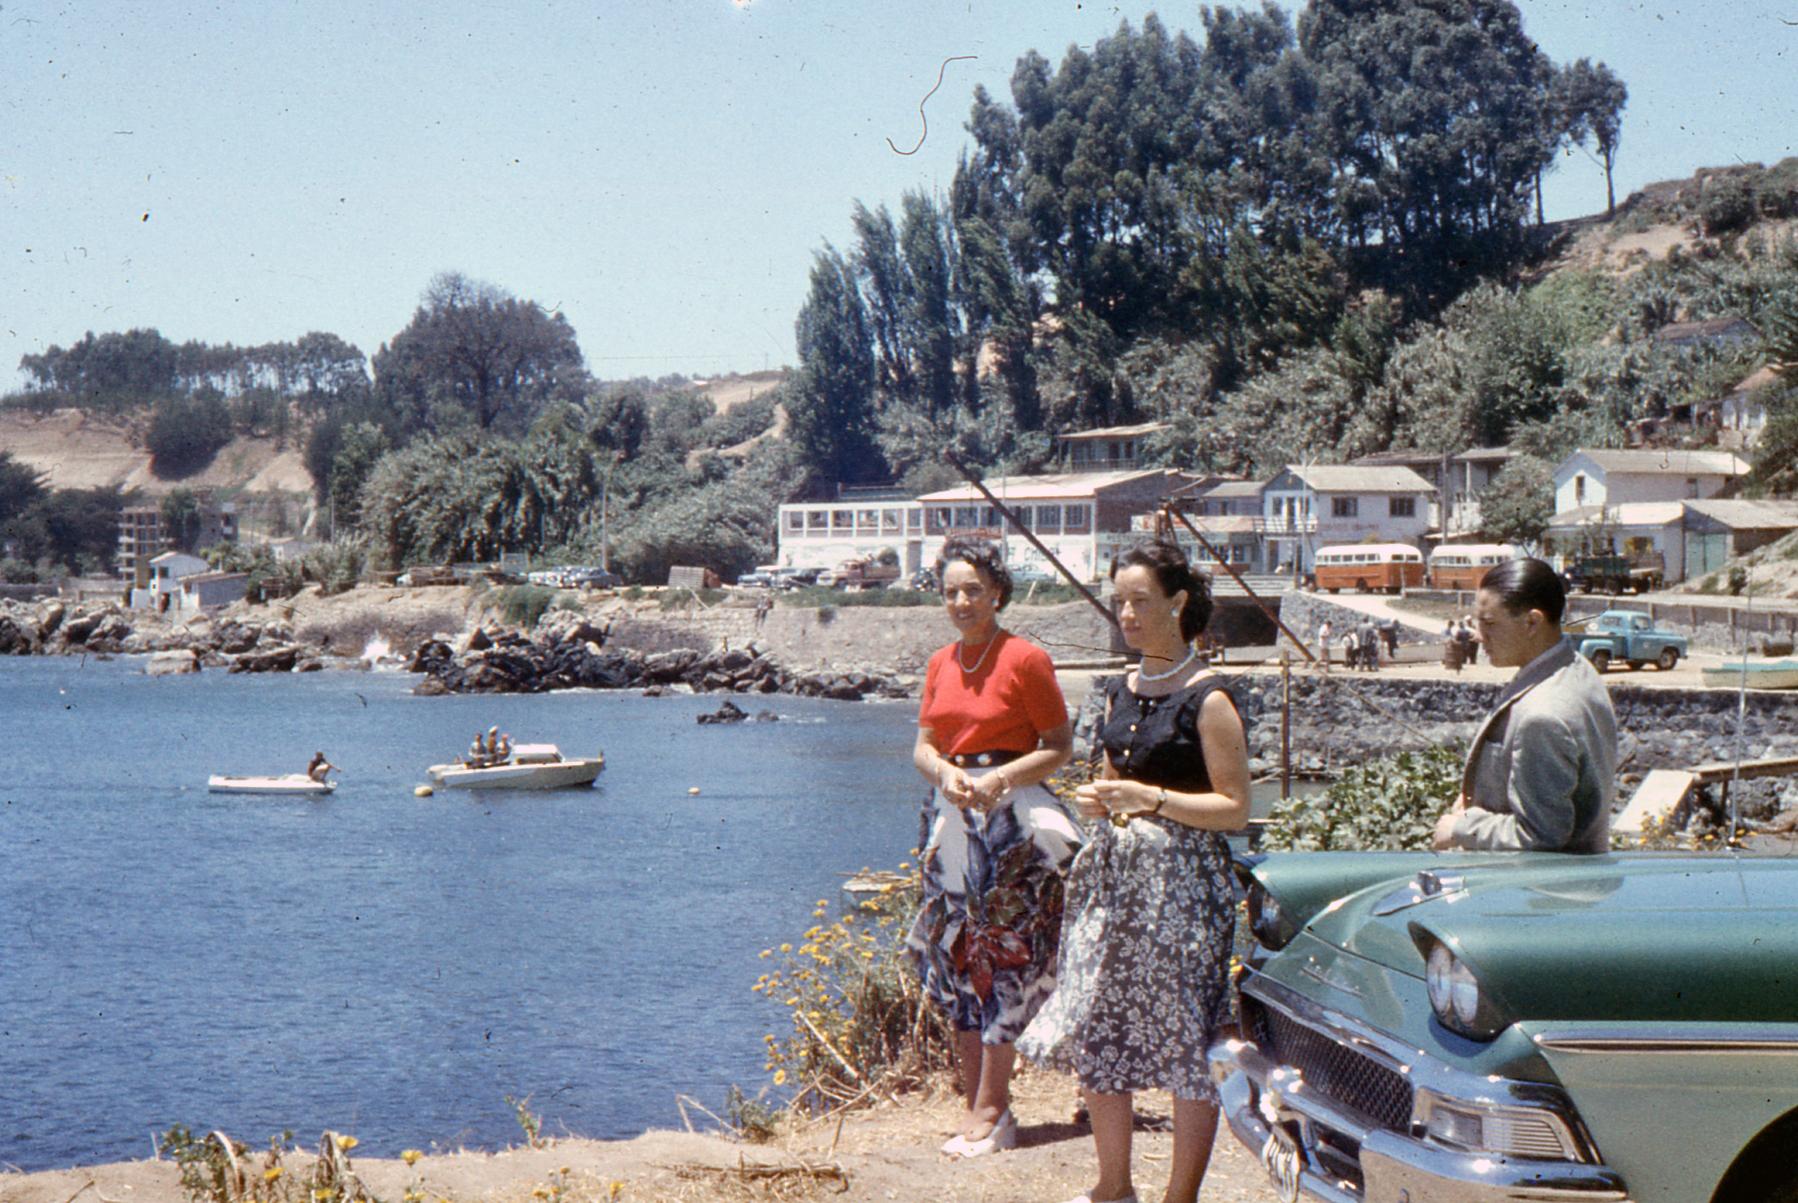 Enterreno - Fotos históricas de chile - fotos antiguas de Chile - Concon - Higuerilla, 1957